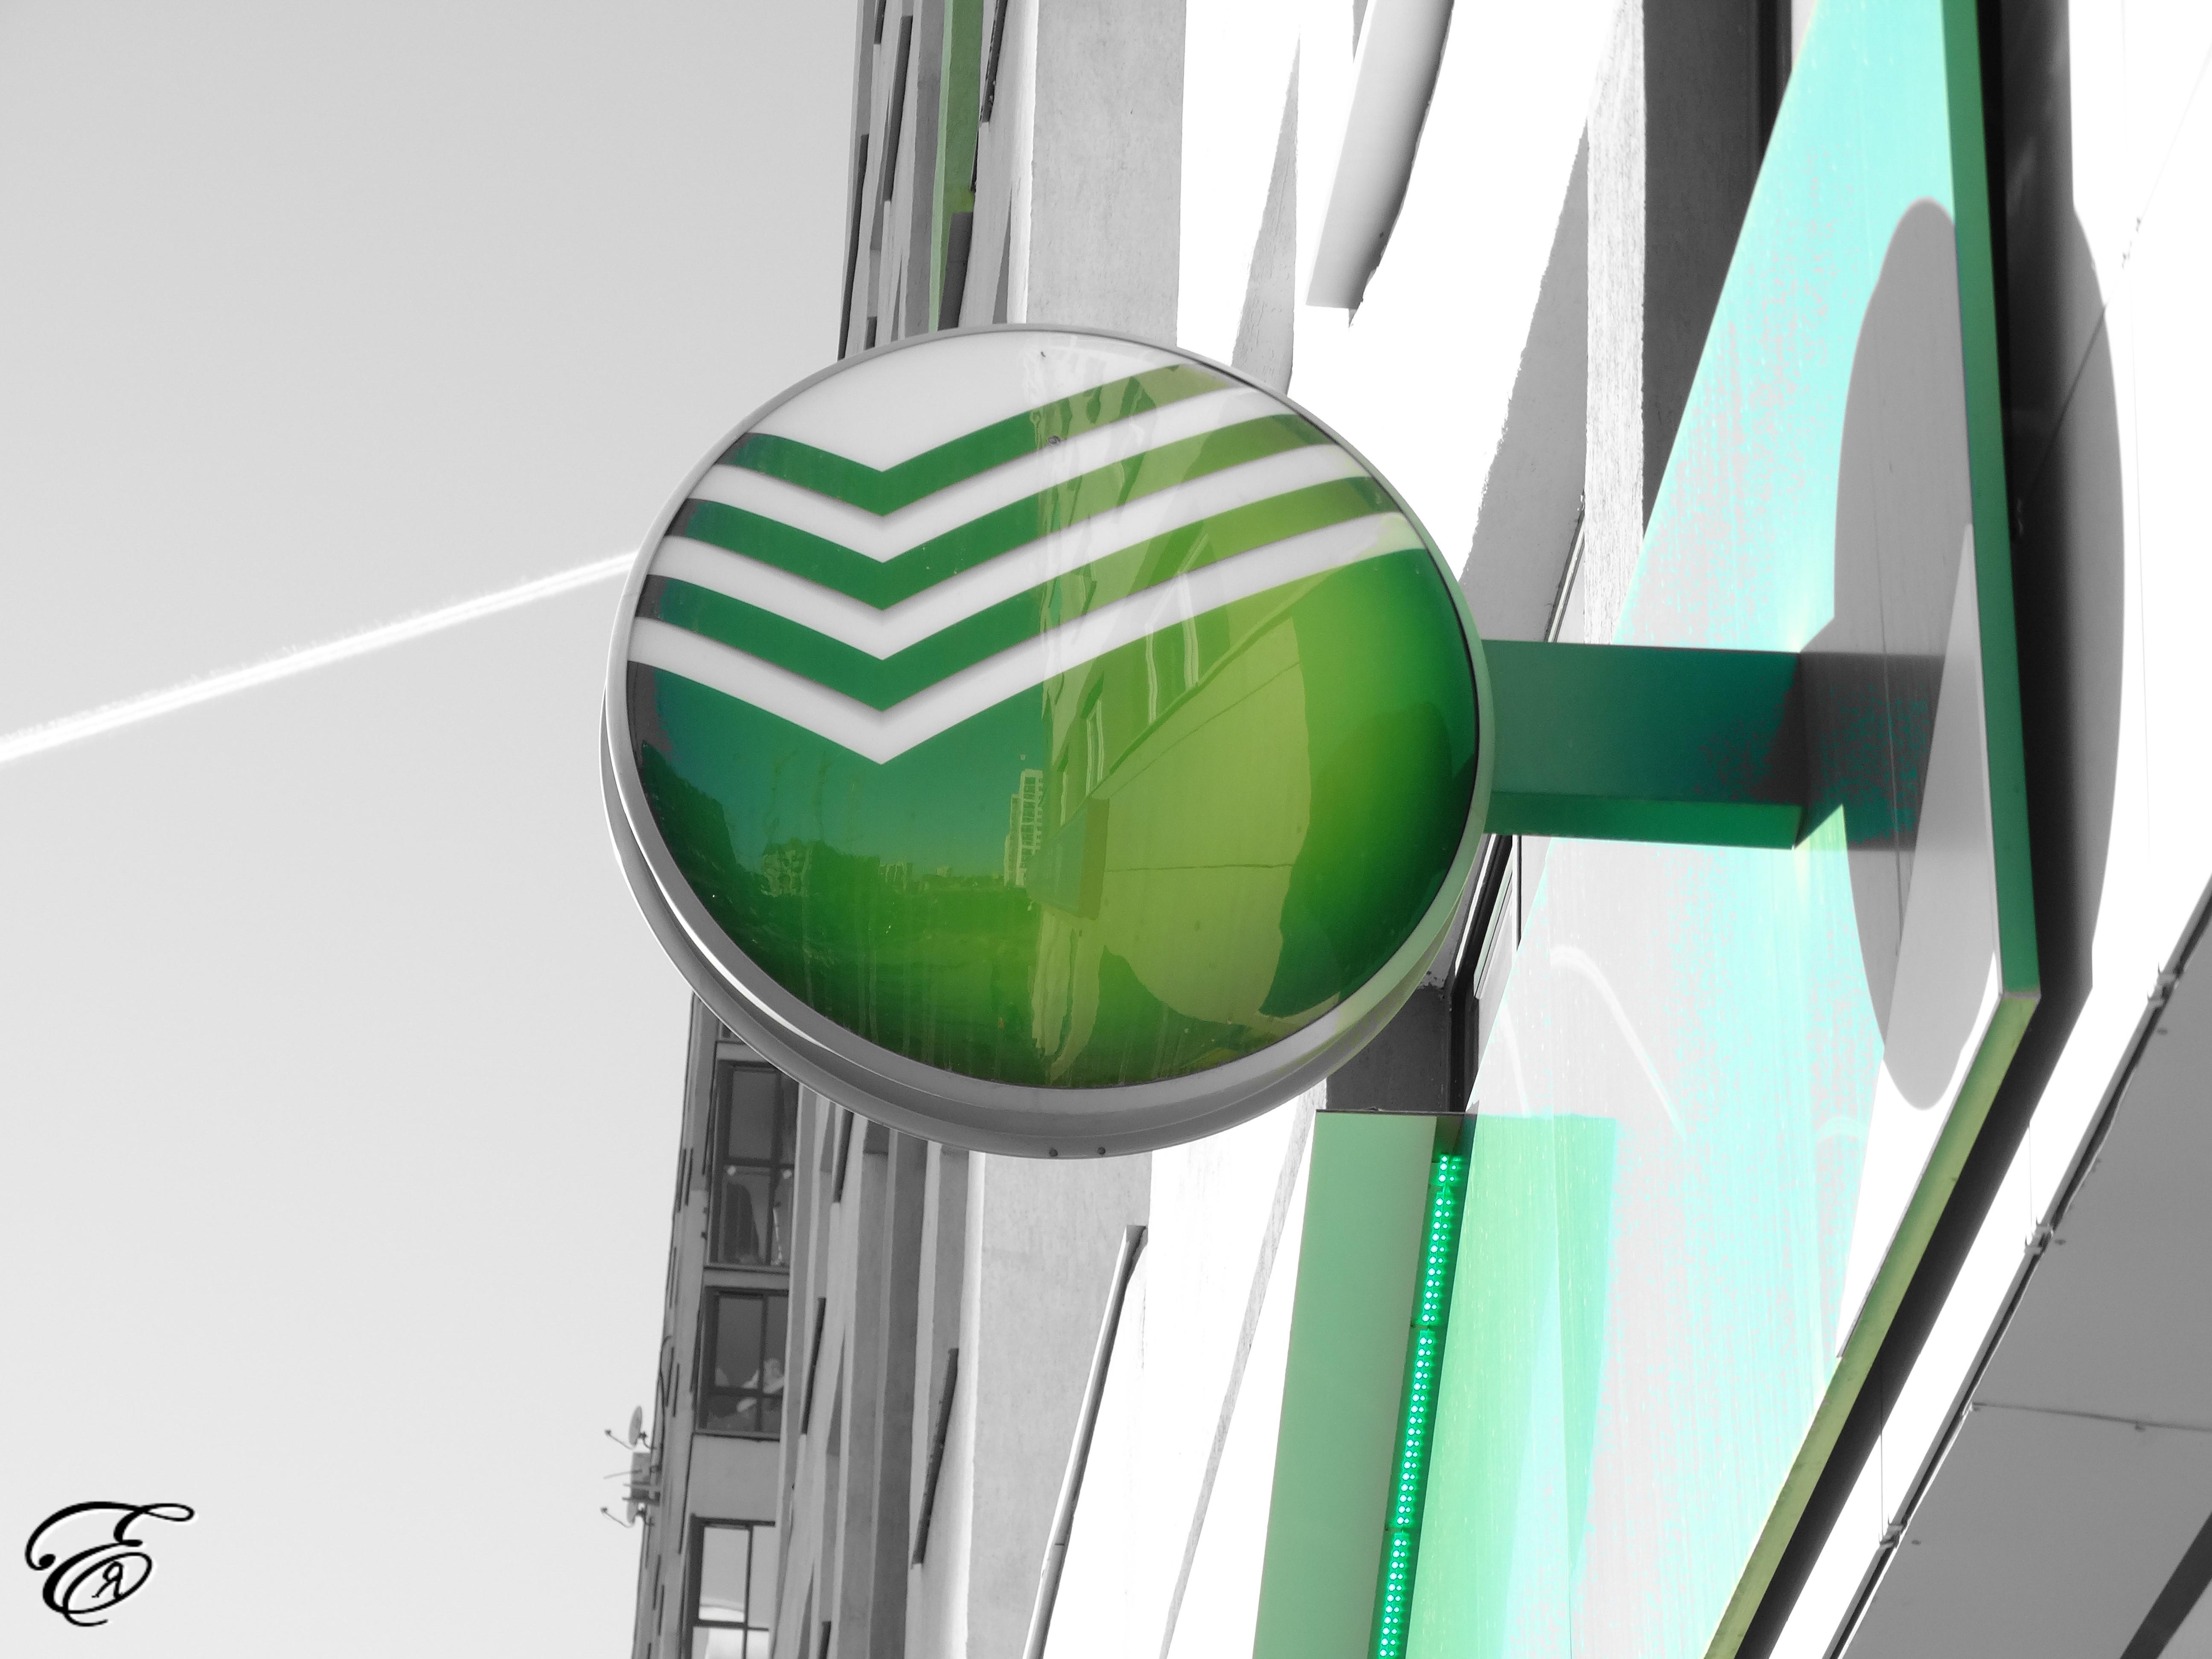 Сбербанк увеличил ставки по ипотеке